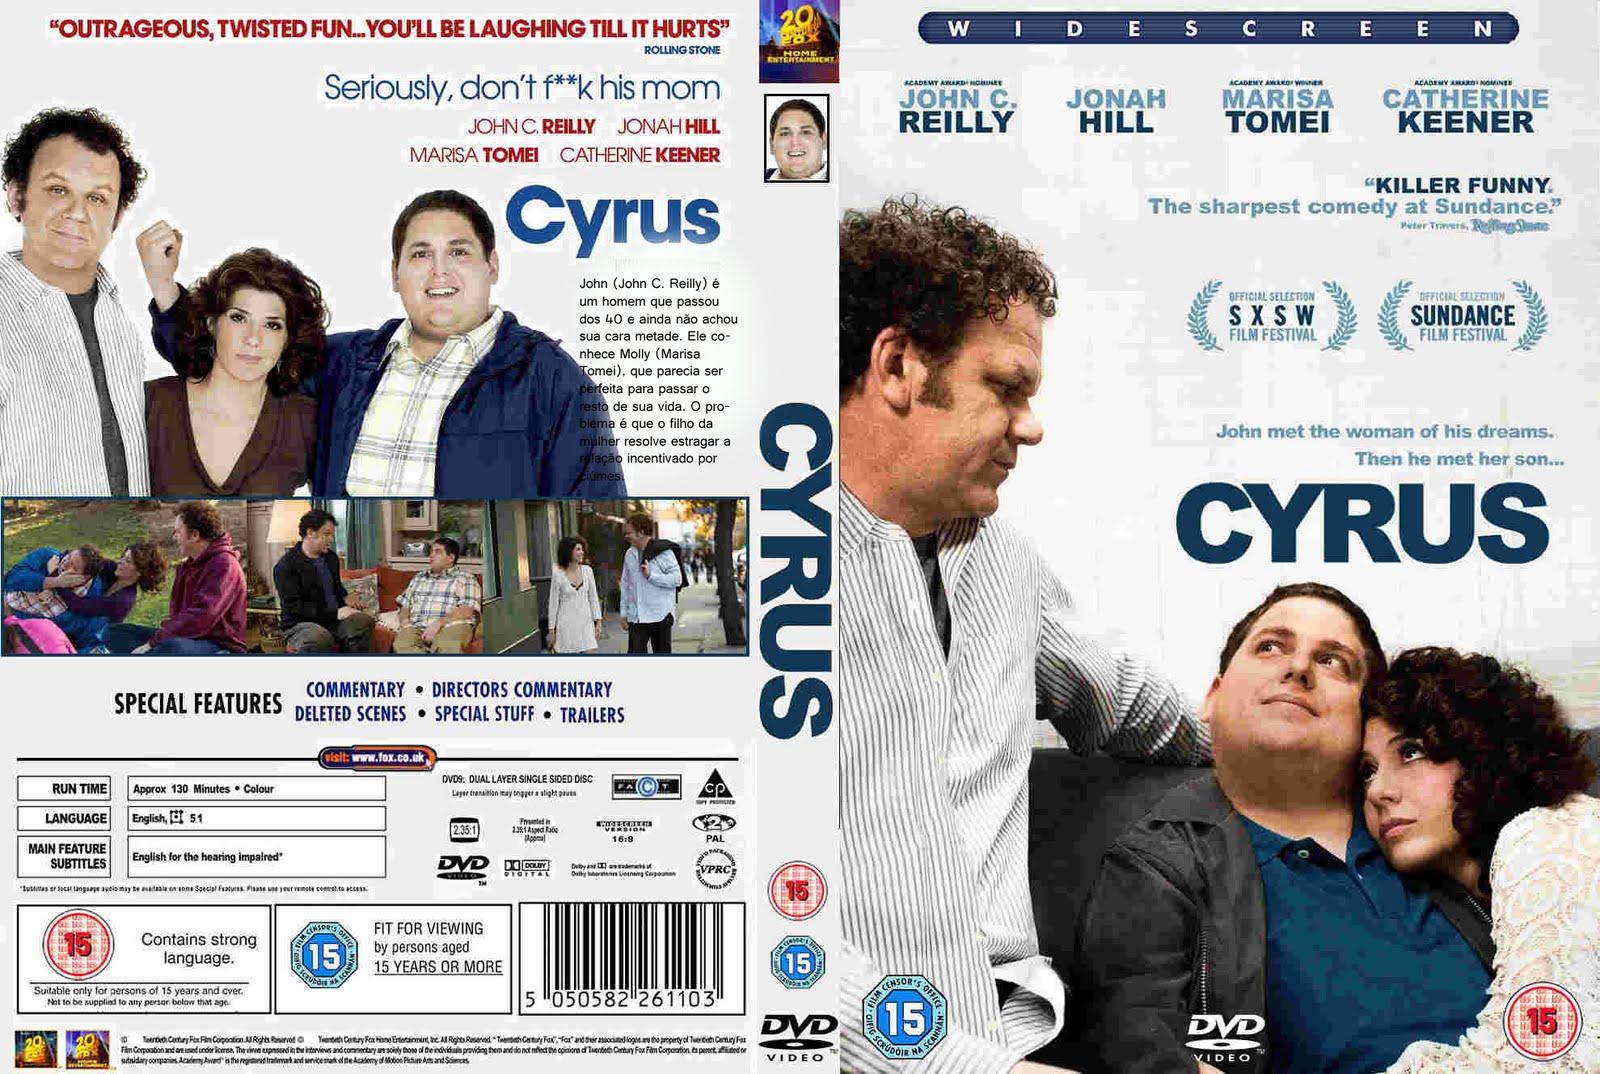 http://1.bp.blogspot.com/_JC3oicMKd0A/TR4NjPmt6wI/AAAAAAAABUI/Xffre61InFU/s1600/Cyrus_+capasbr.jpg